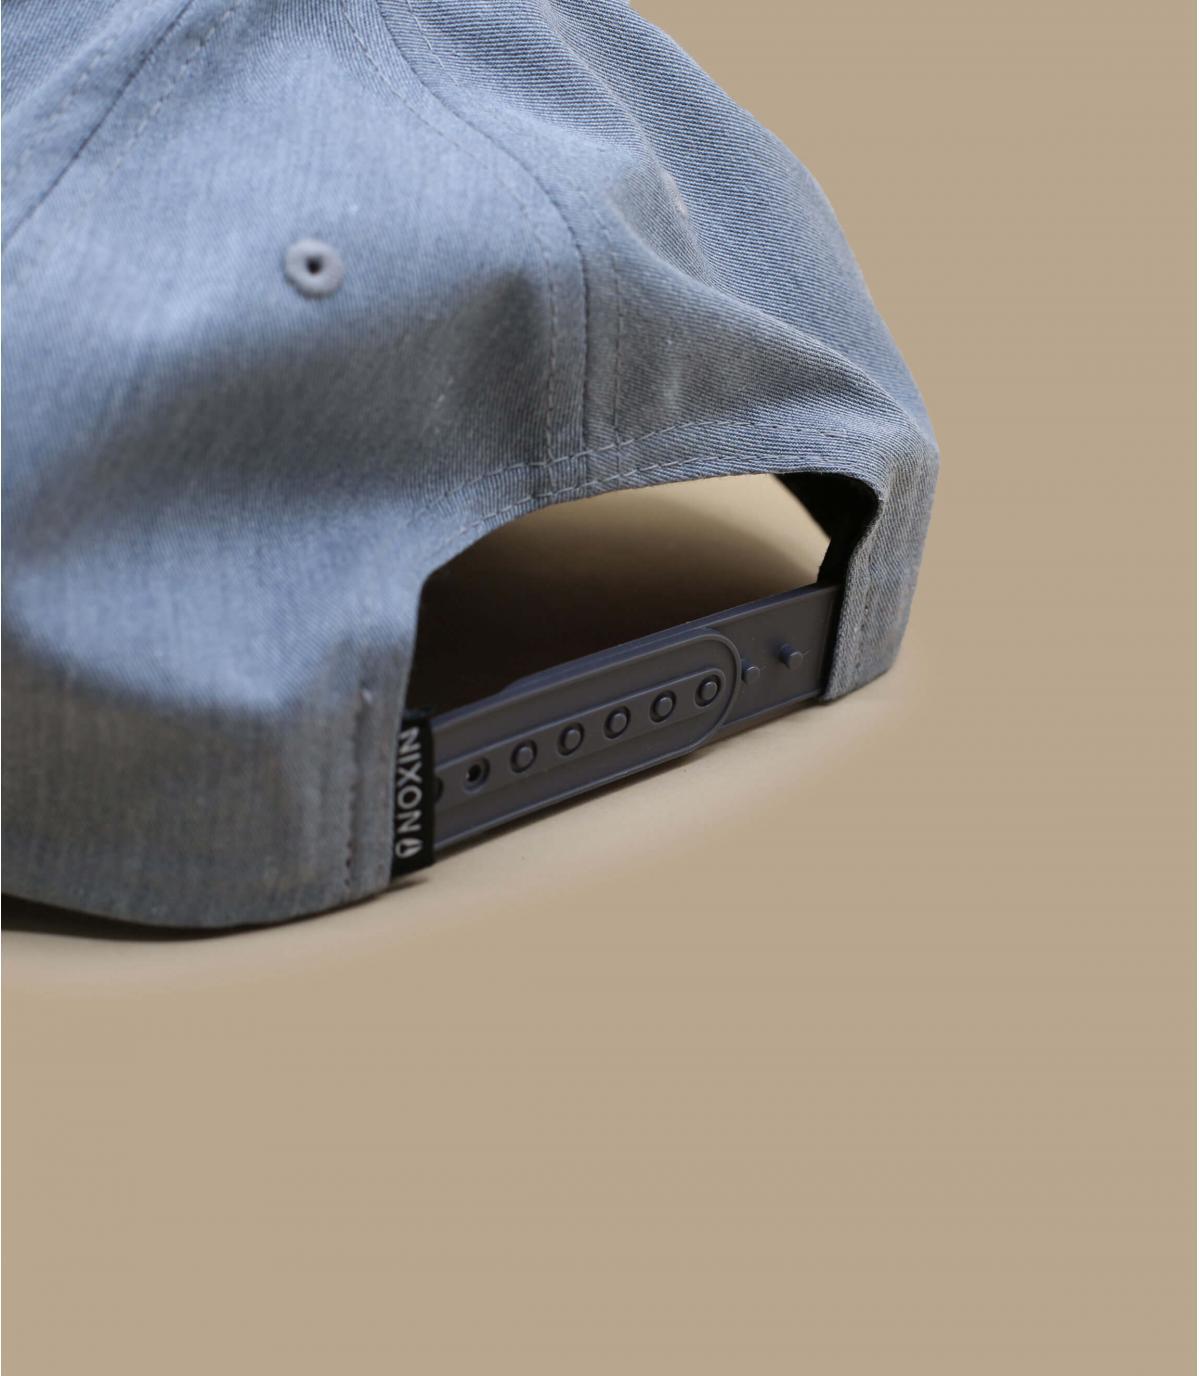 Detalles Lockup heather grey imagen 4